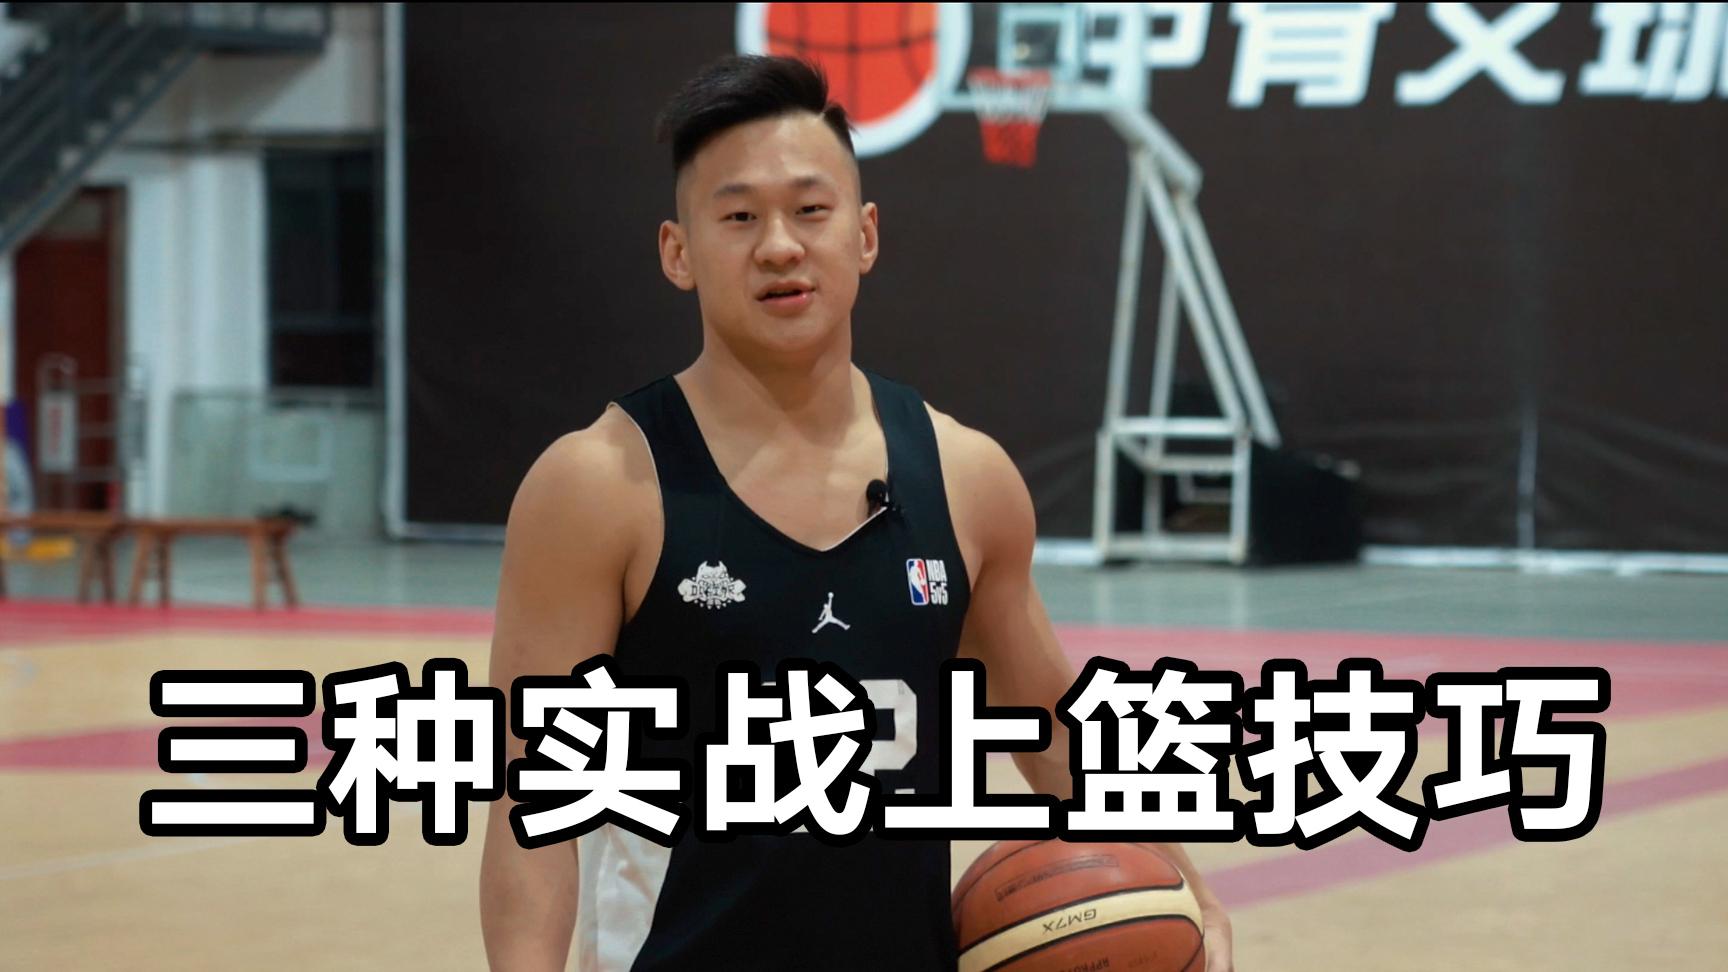 篮球技巧:三种实战上篮方法,你都会了么?